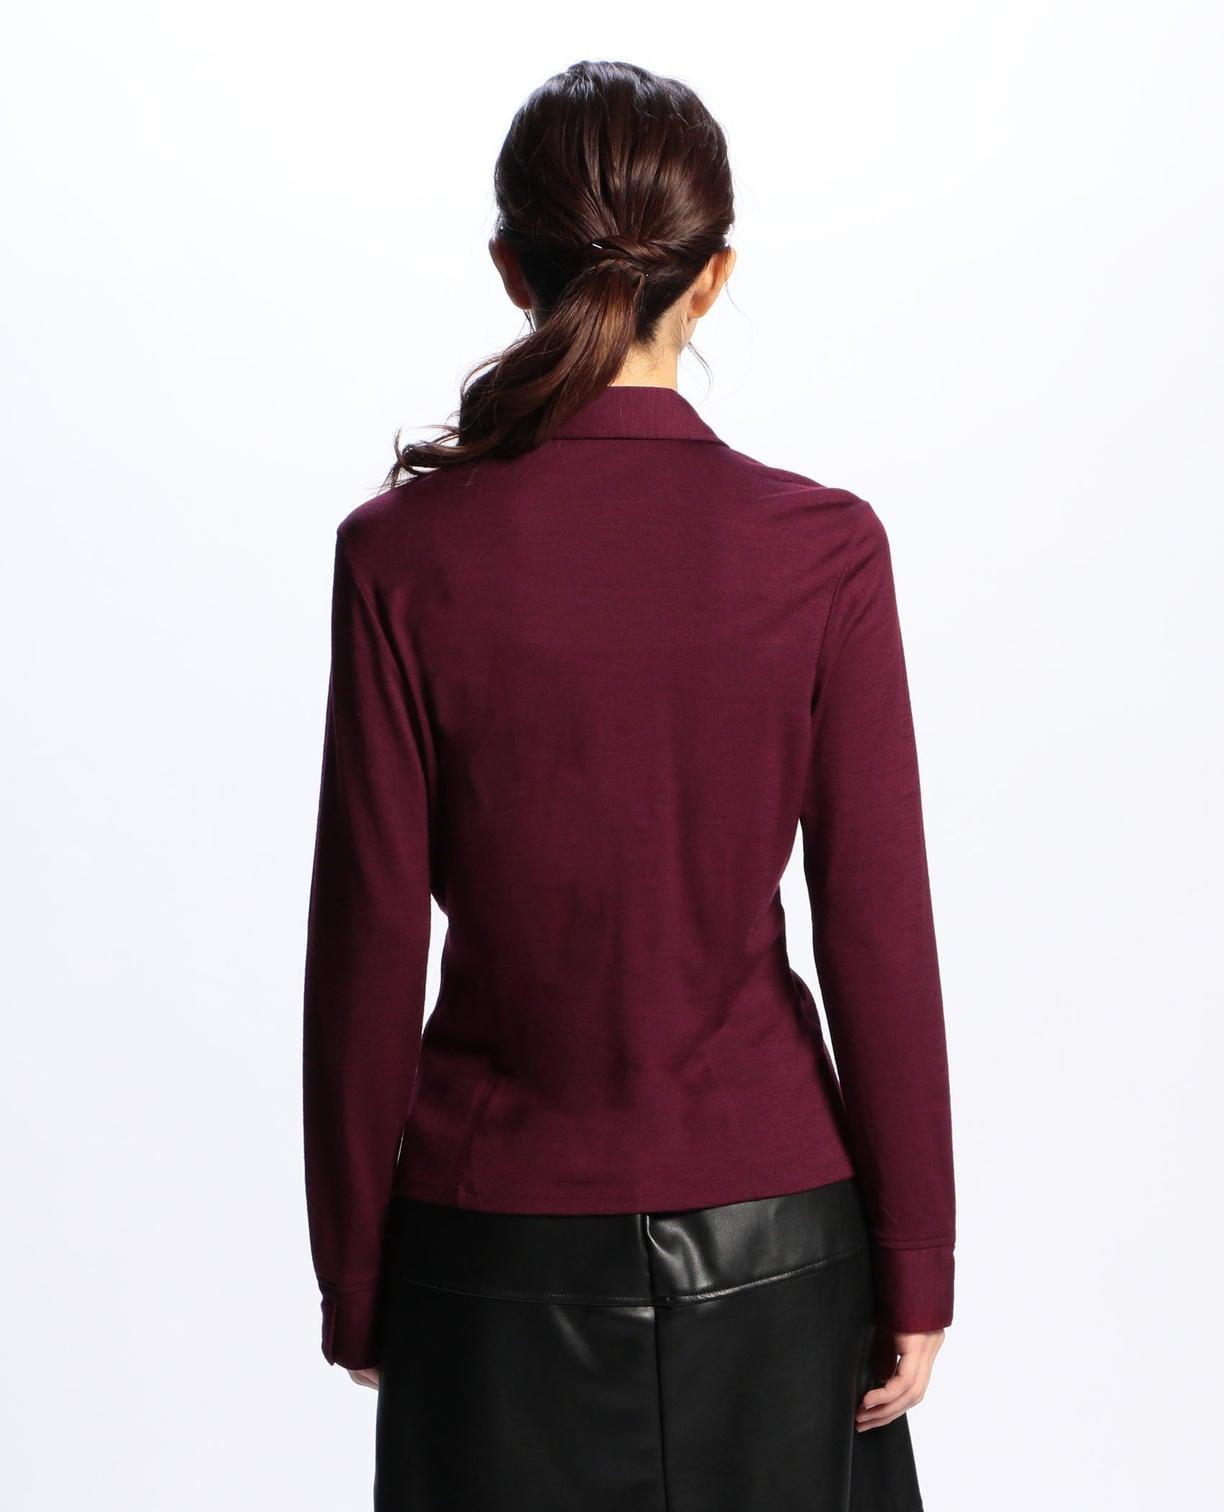 ウールジャージ—襟付フリルプルオーバーカットソーシャツ